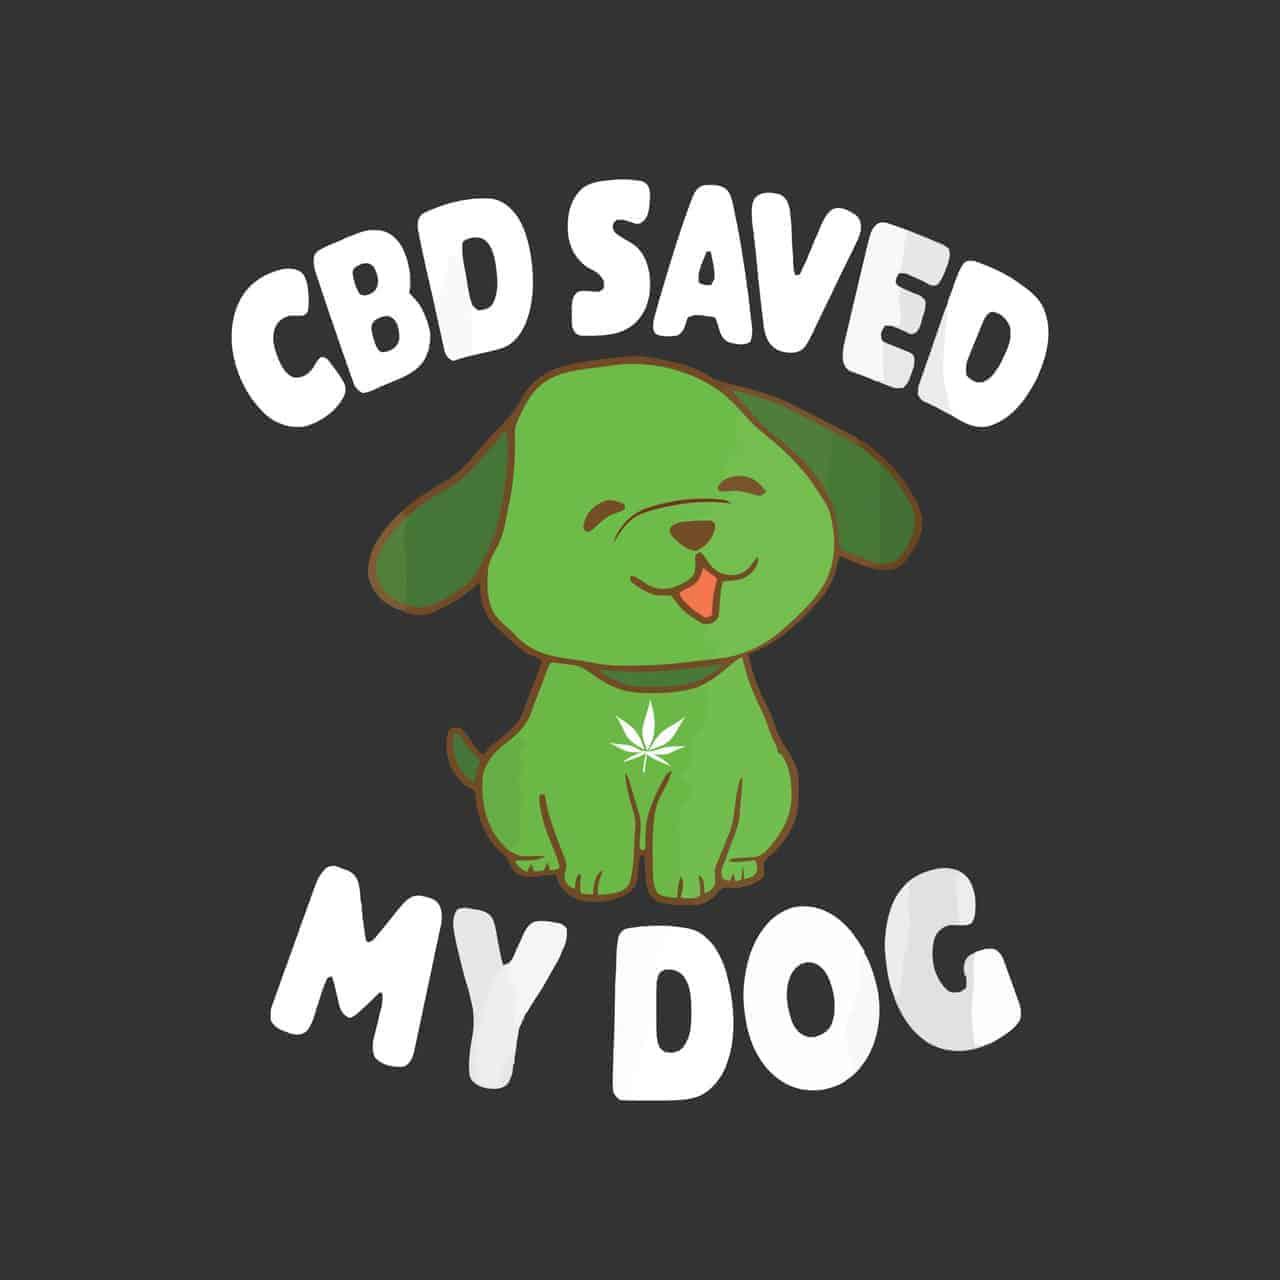 A CBD kutyáknak megmentette a kutyám életét!